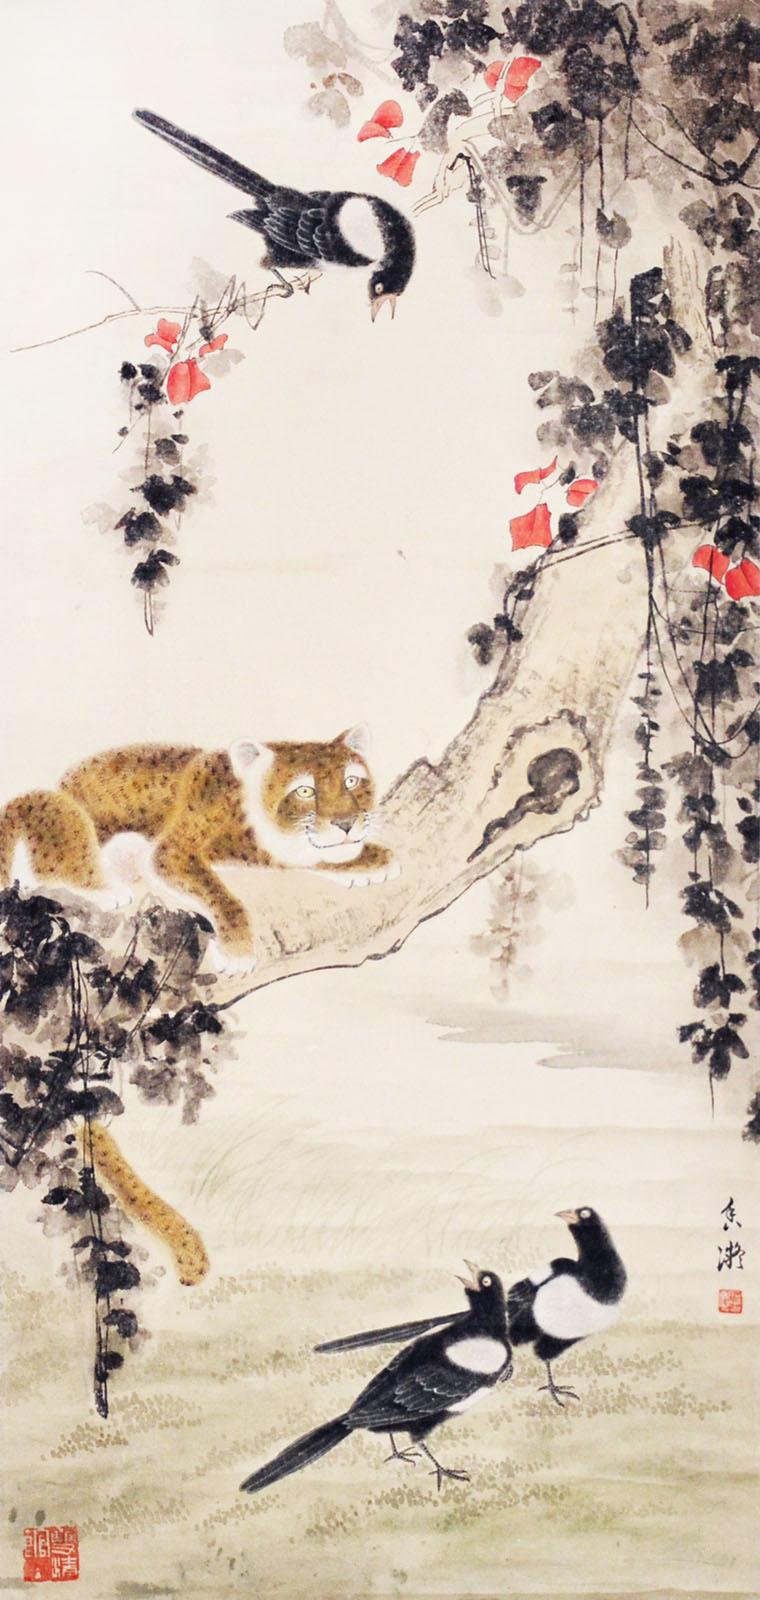 Lot 60 - 何香凝  (1878 - 1972)  喜鵲與豹圖 設色水墨紙本立軸 1948 年作 款識:香凝 鈐印:(何香凝) He Xiangning Magpies and Leopard Hanging